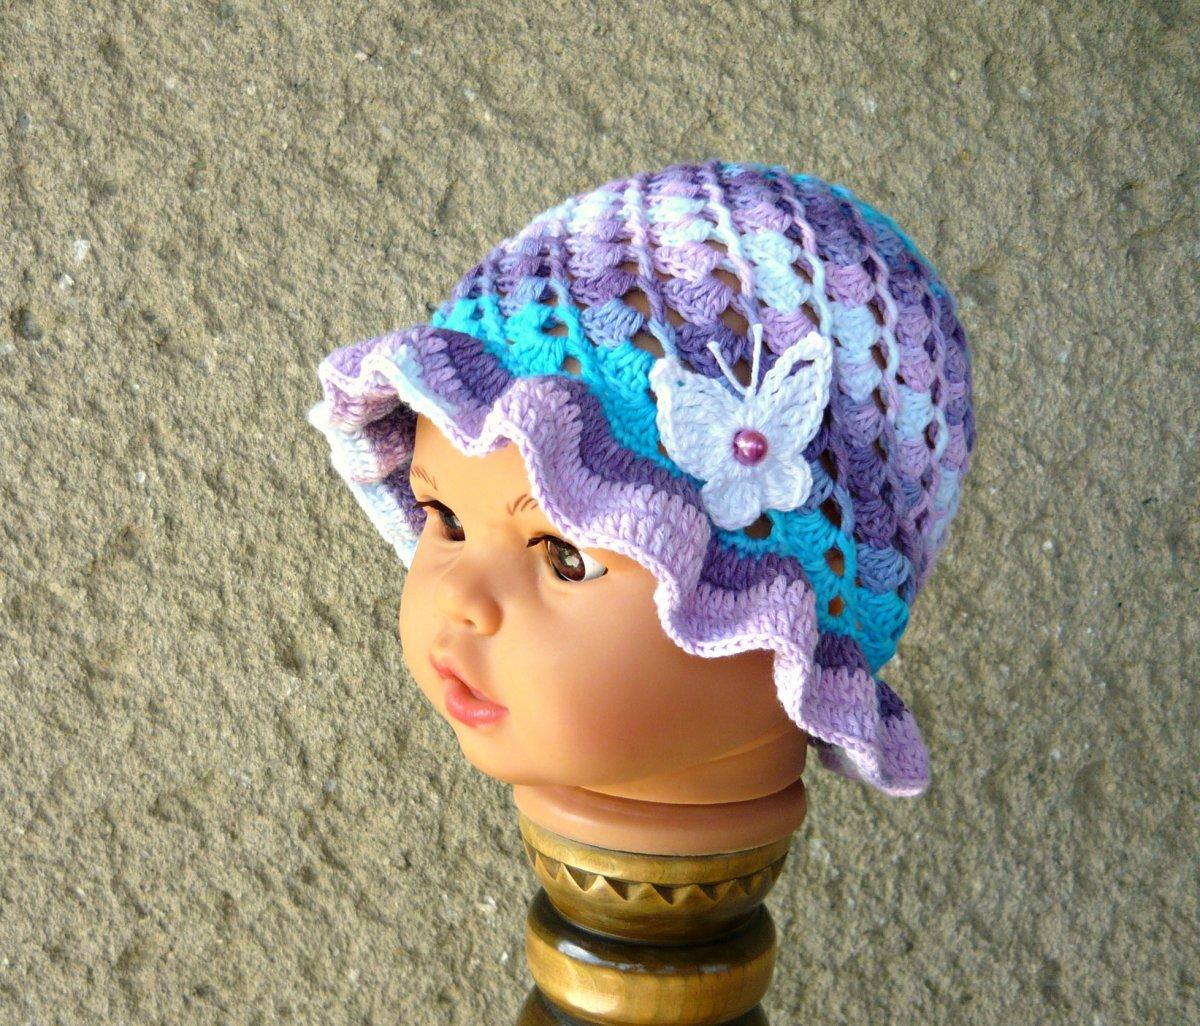 d17133413ec Háčkovaný klobouček fialovo-tyrkysový  -) – Potvor - pomáhat tvořit